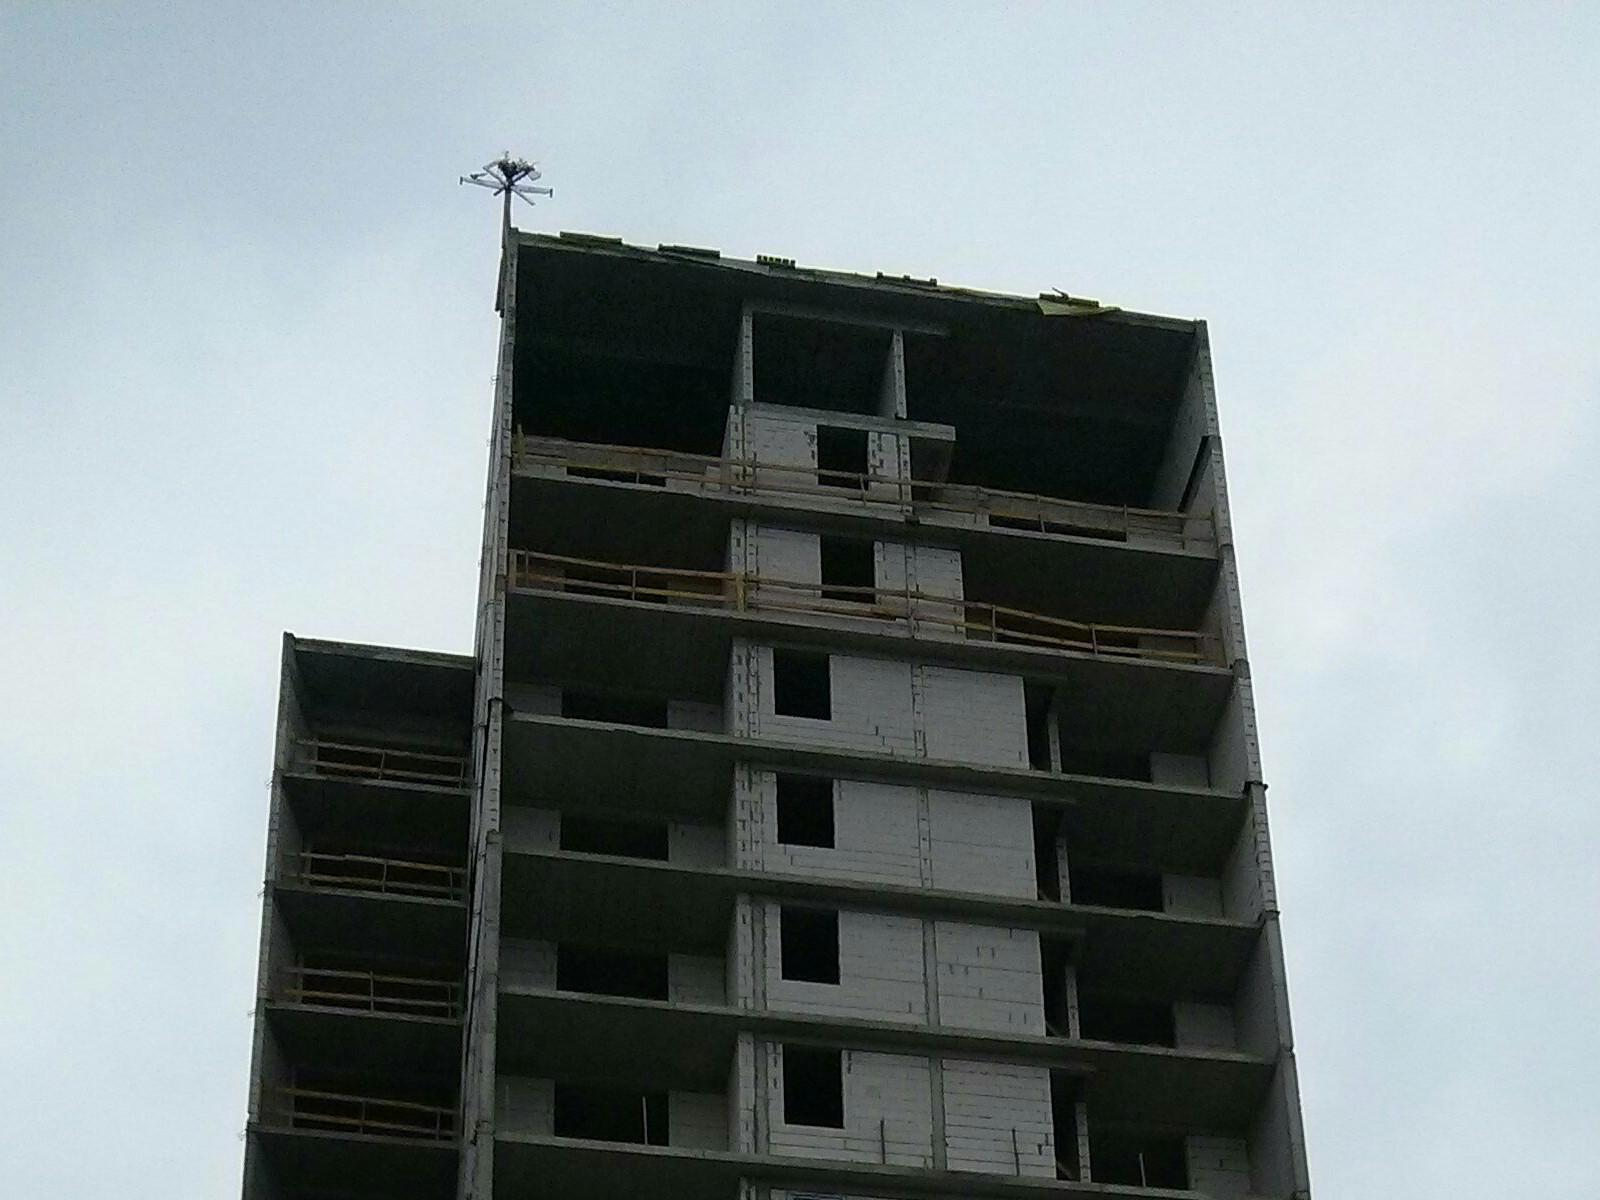 Osiedle Avia 2 - nowe mieszkania w Krakowie budowane przez Budimex